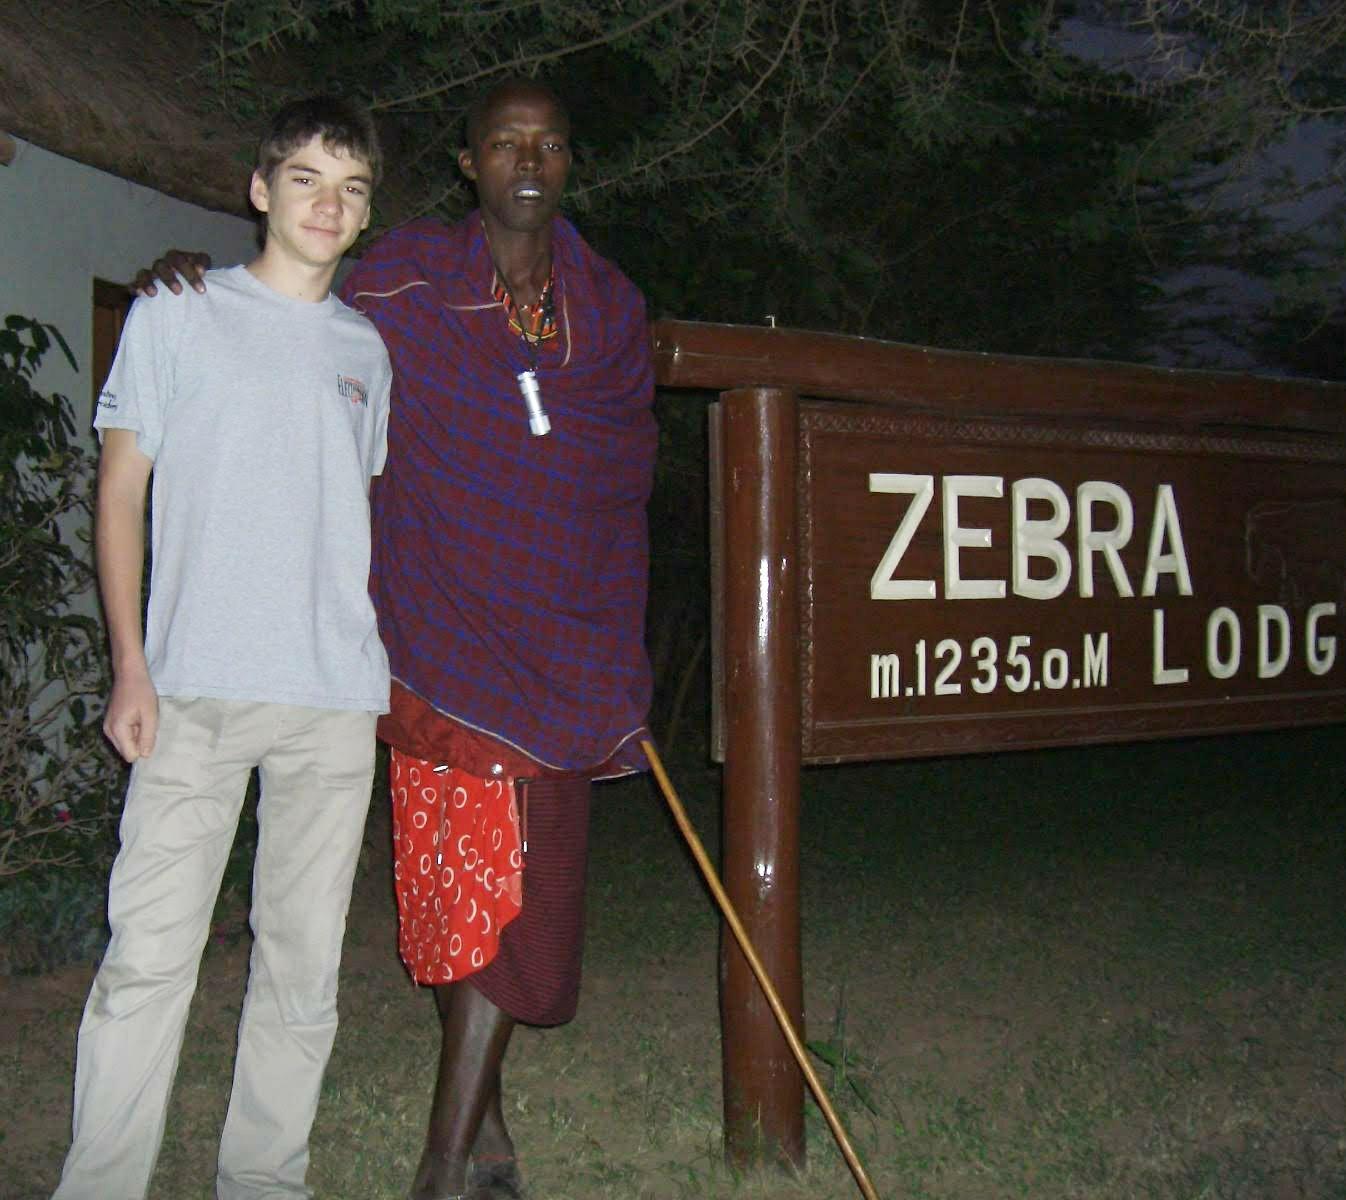 Это наш знакомый масай, который мне притащил копьё.На шее подаренный фонарик. Вот про дополнительные батарейки не подумали.